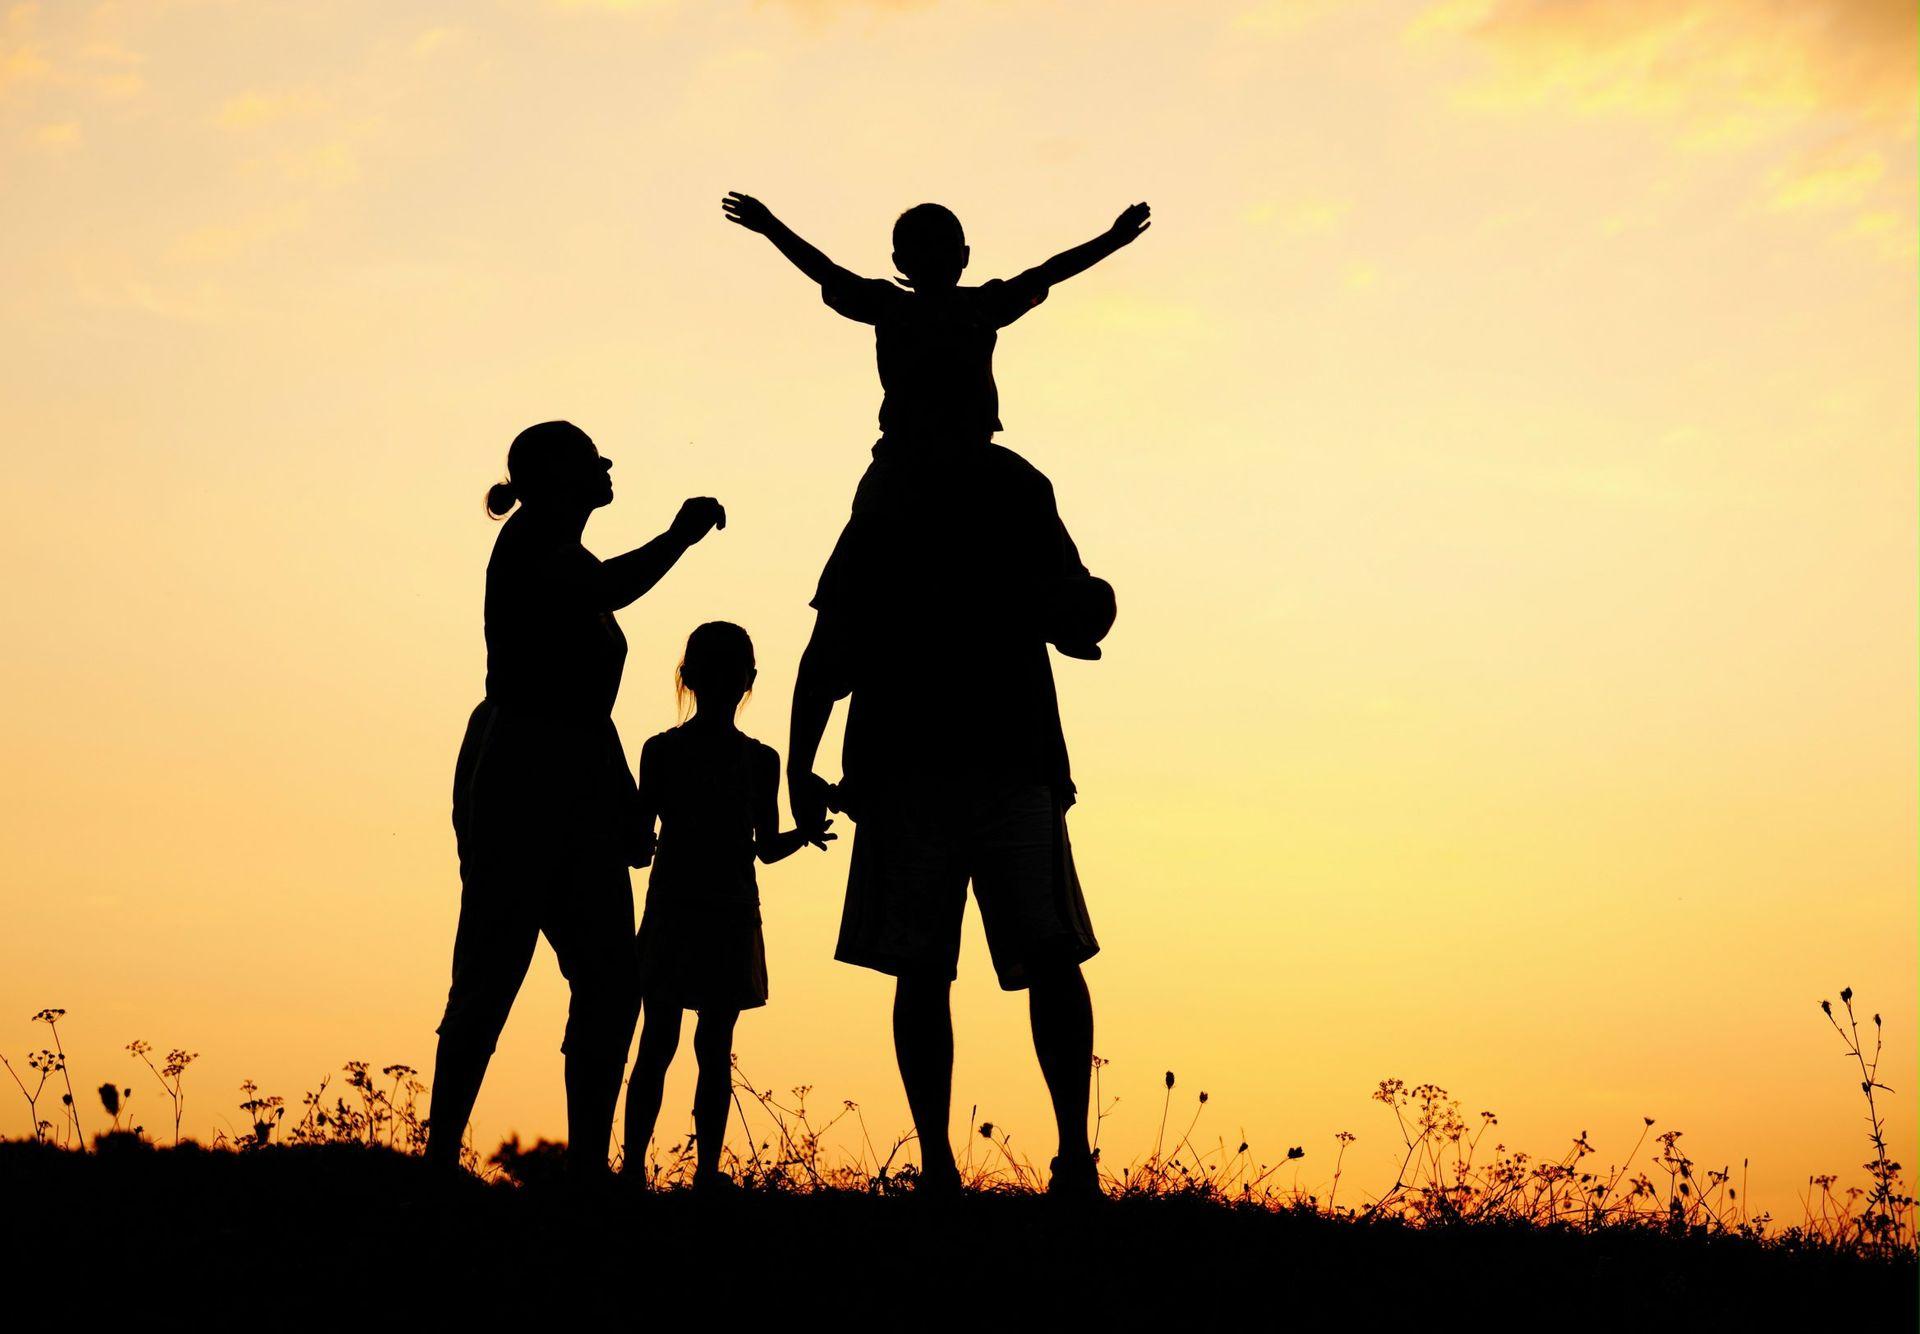 kozzi-happy_family_in_nature_at_sunset-2338×1624-happy-family